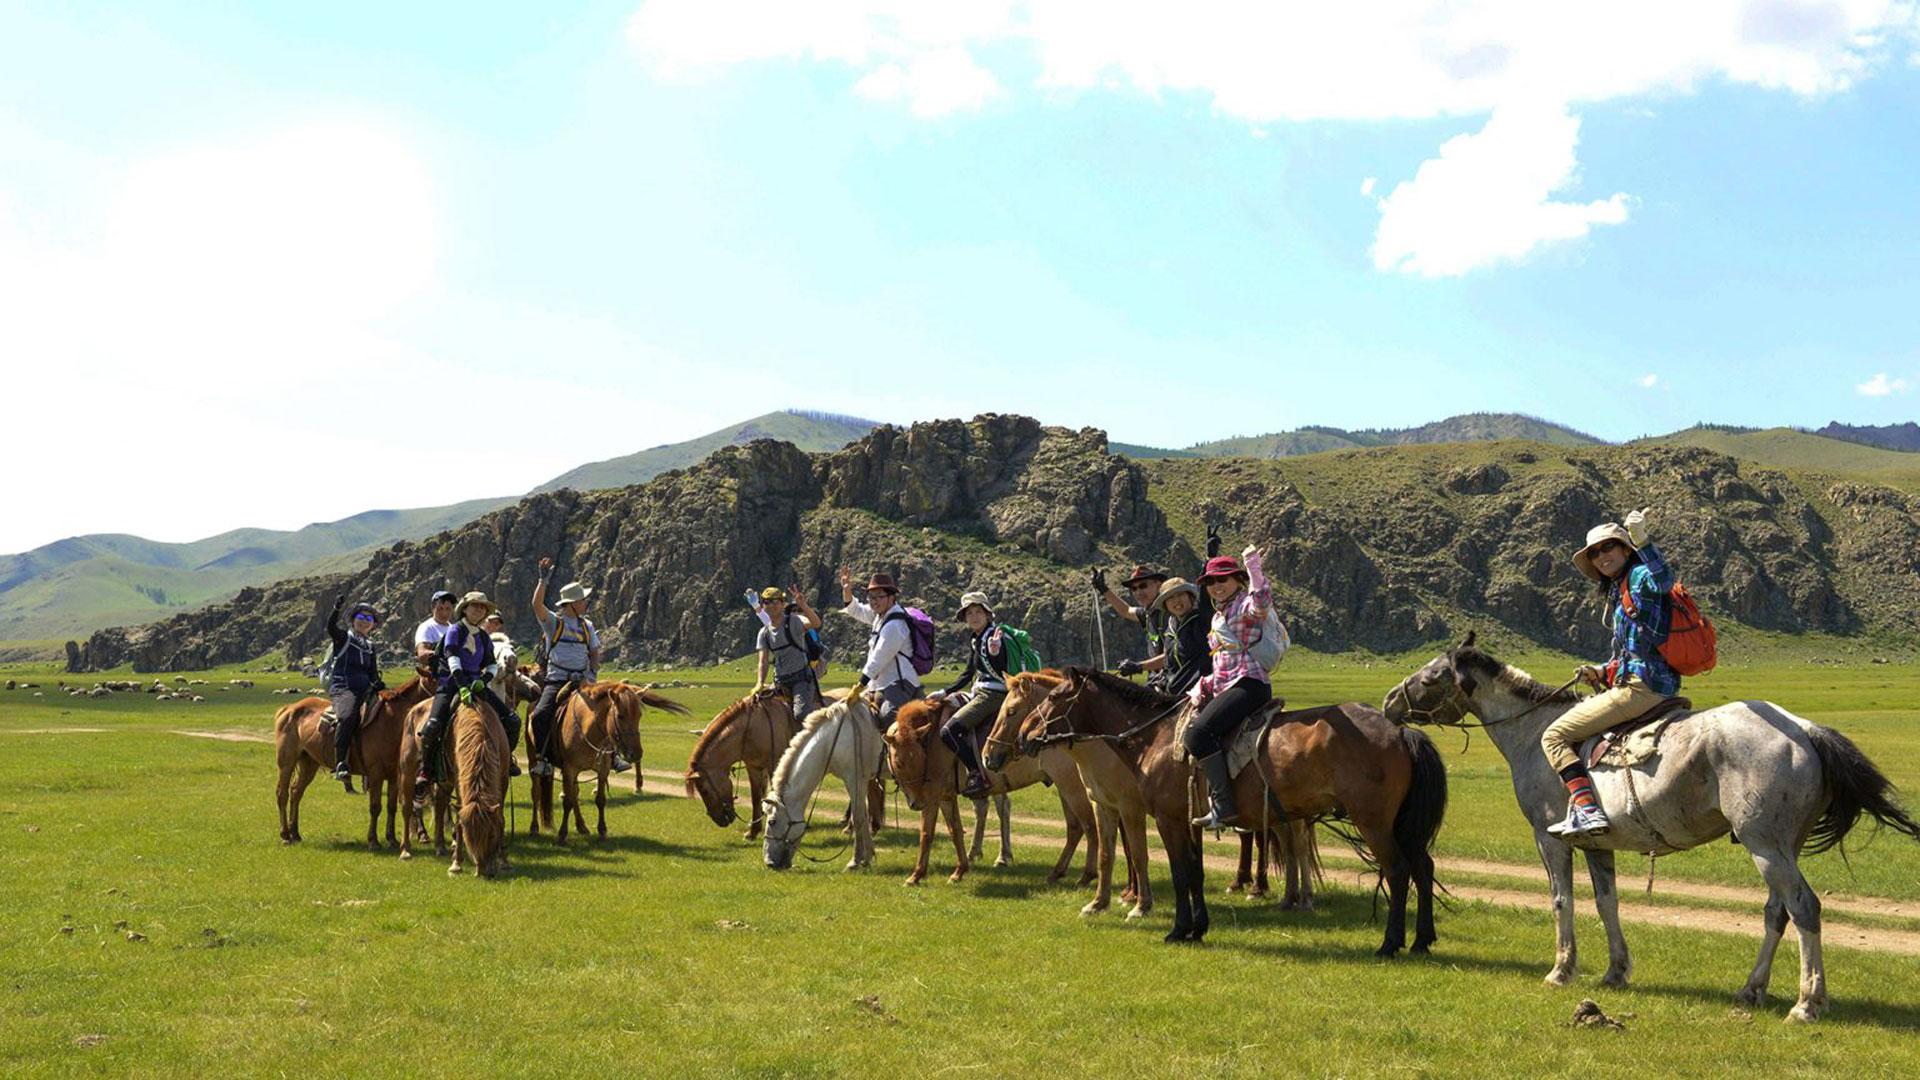 モンゴル高原で乗馬中の参加者